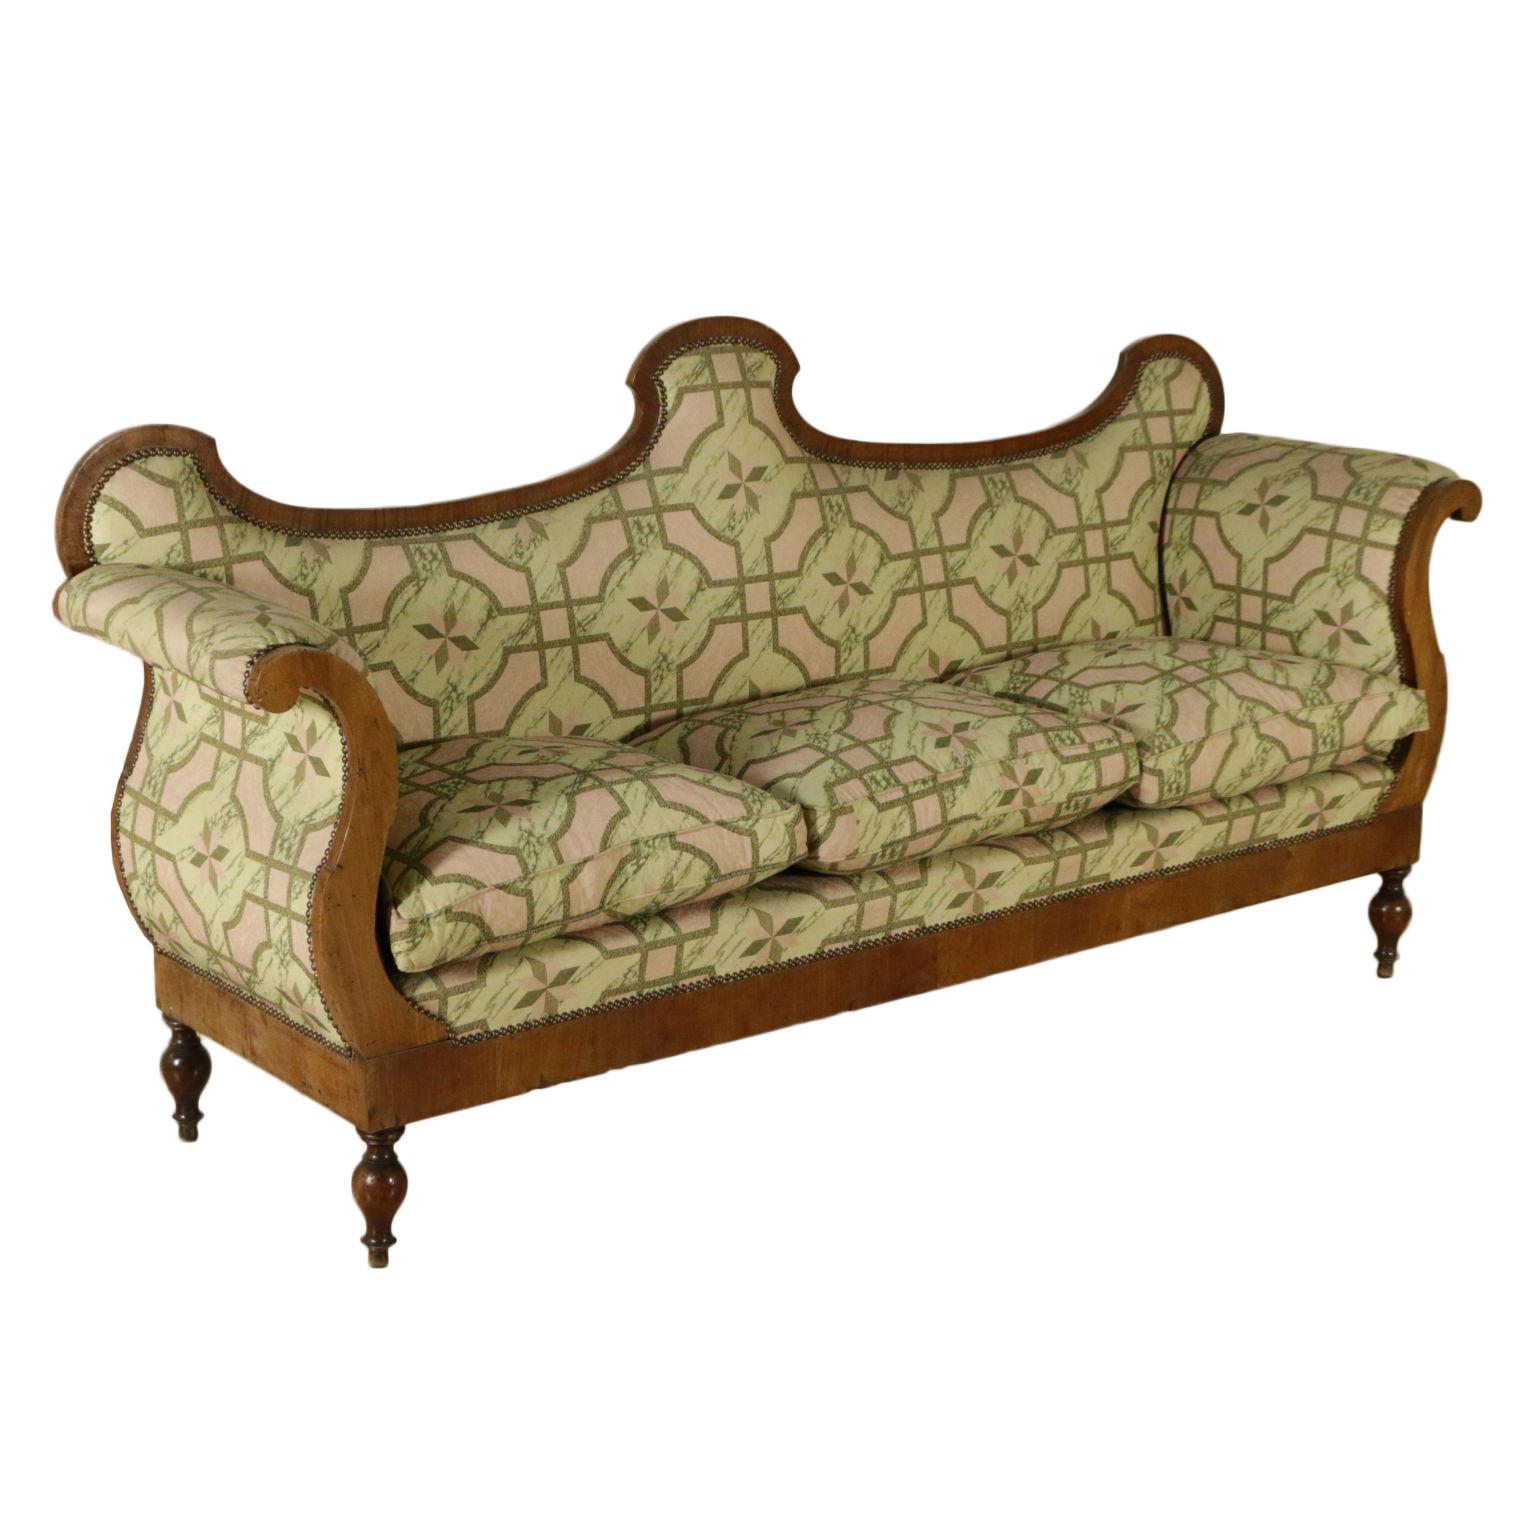 Divano restaurazione sedie poltrone divani for Poltrone sedie